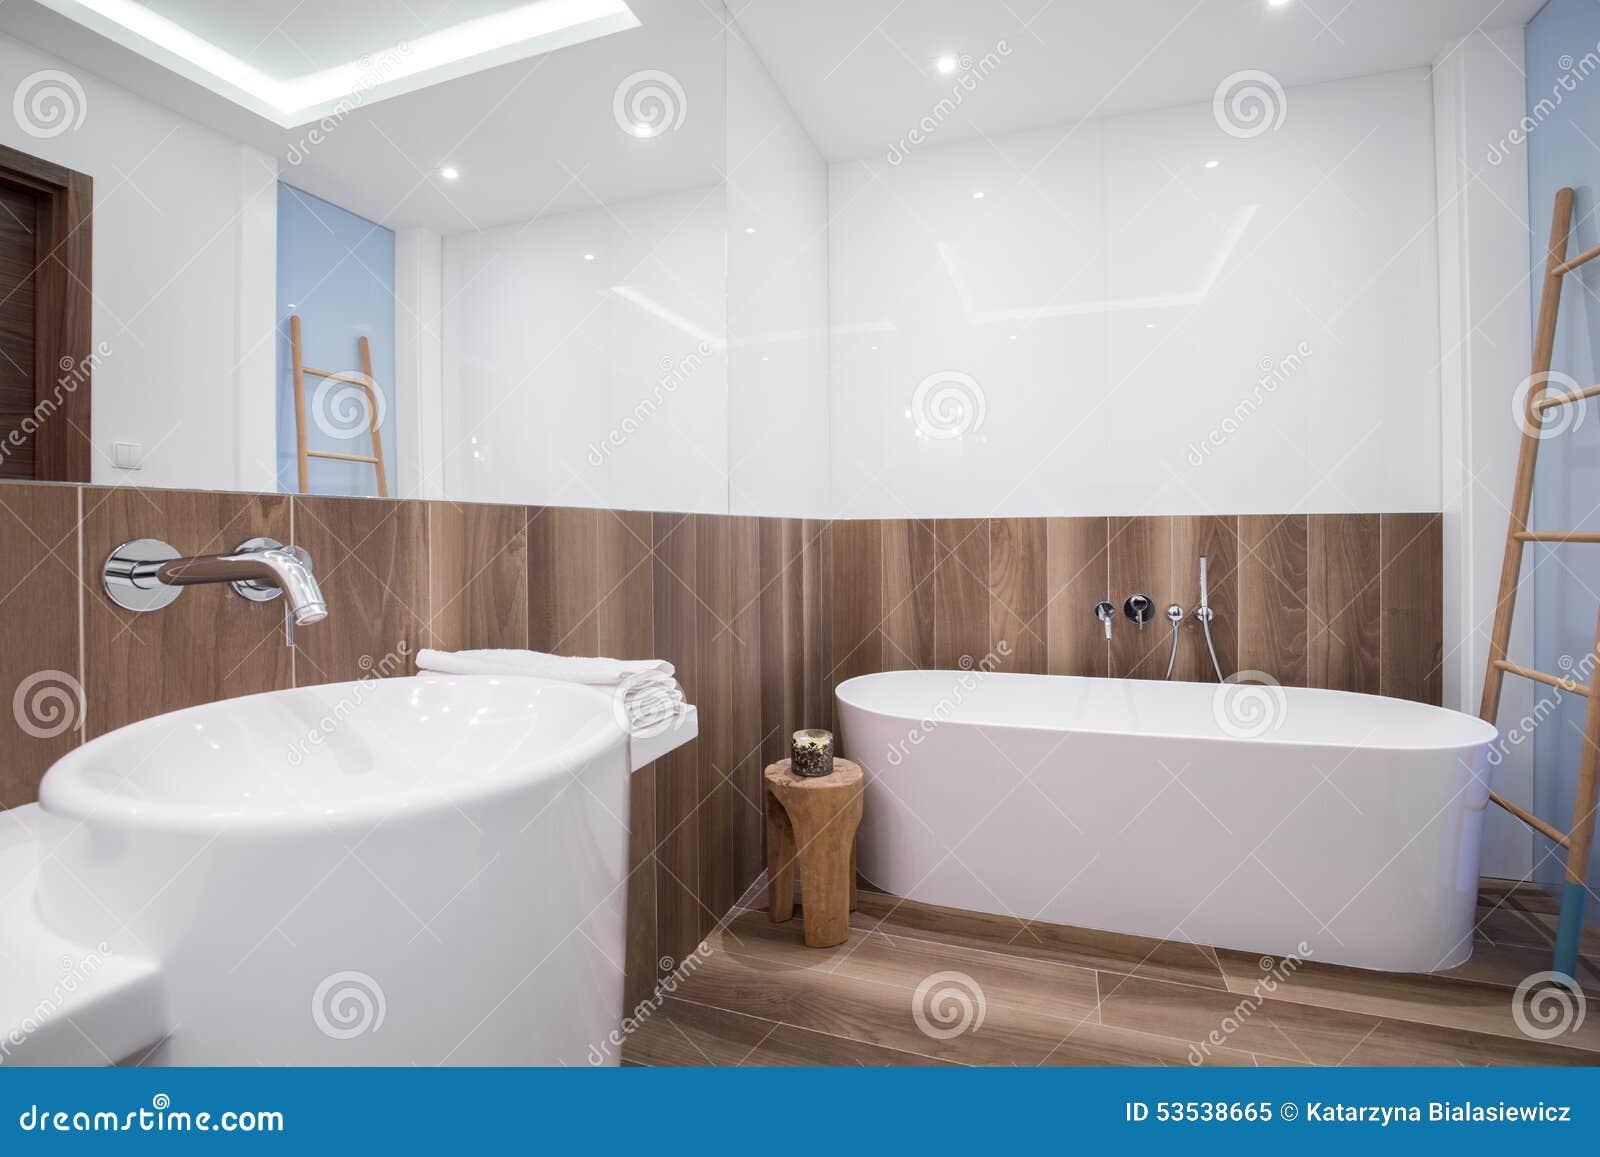 Vitt keramiskt handfat i badrum foton – 277 vitt keramiskt handfat ...